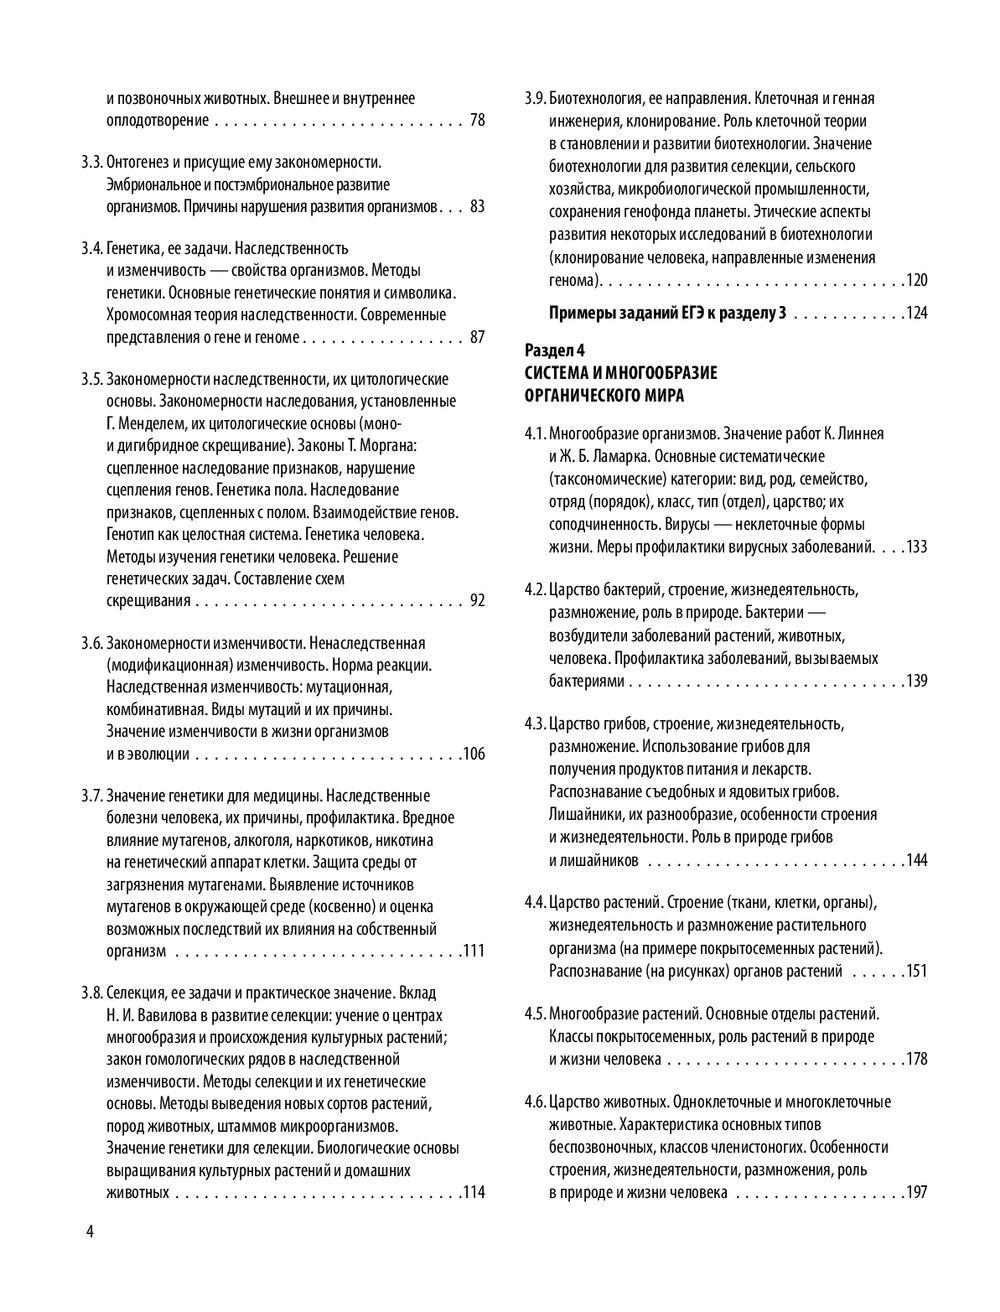 Модификационная изменчивость и ее значение в жизни организма, примеры и причины (11 класс, биология)